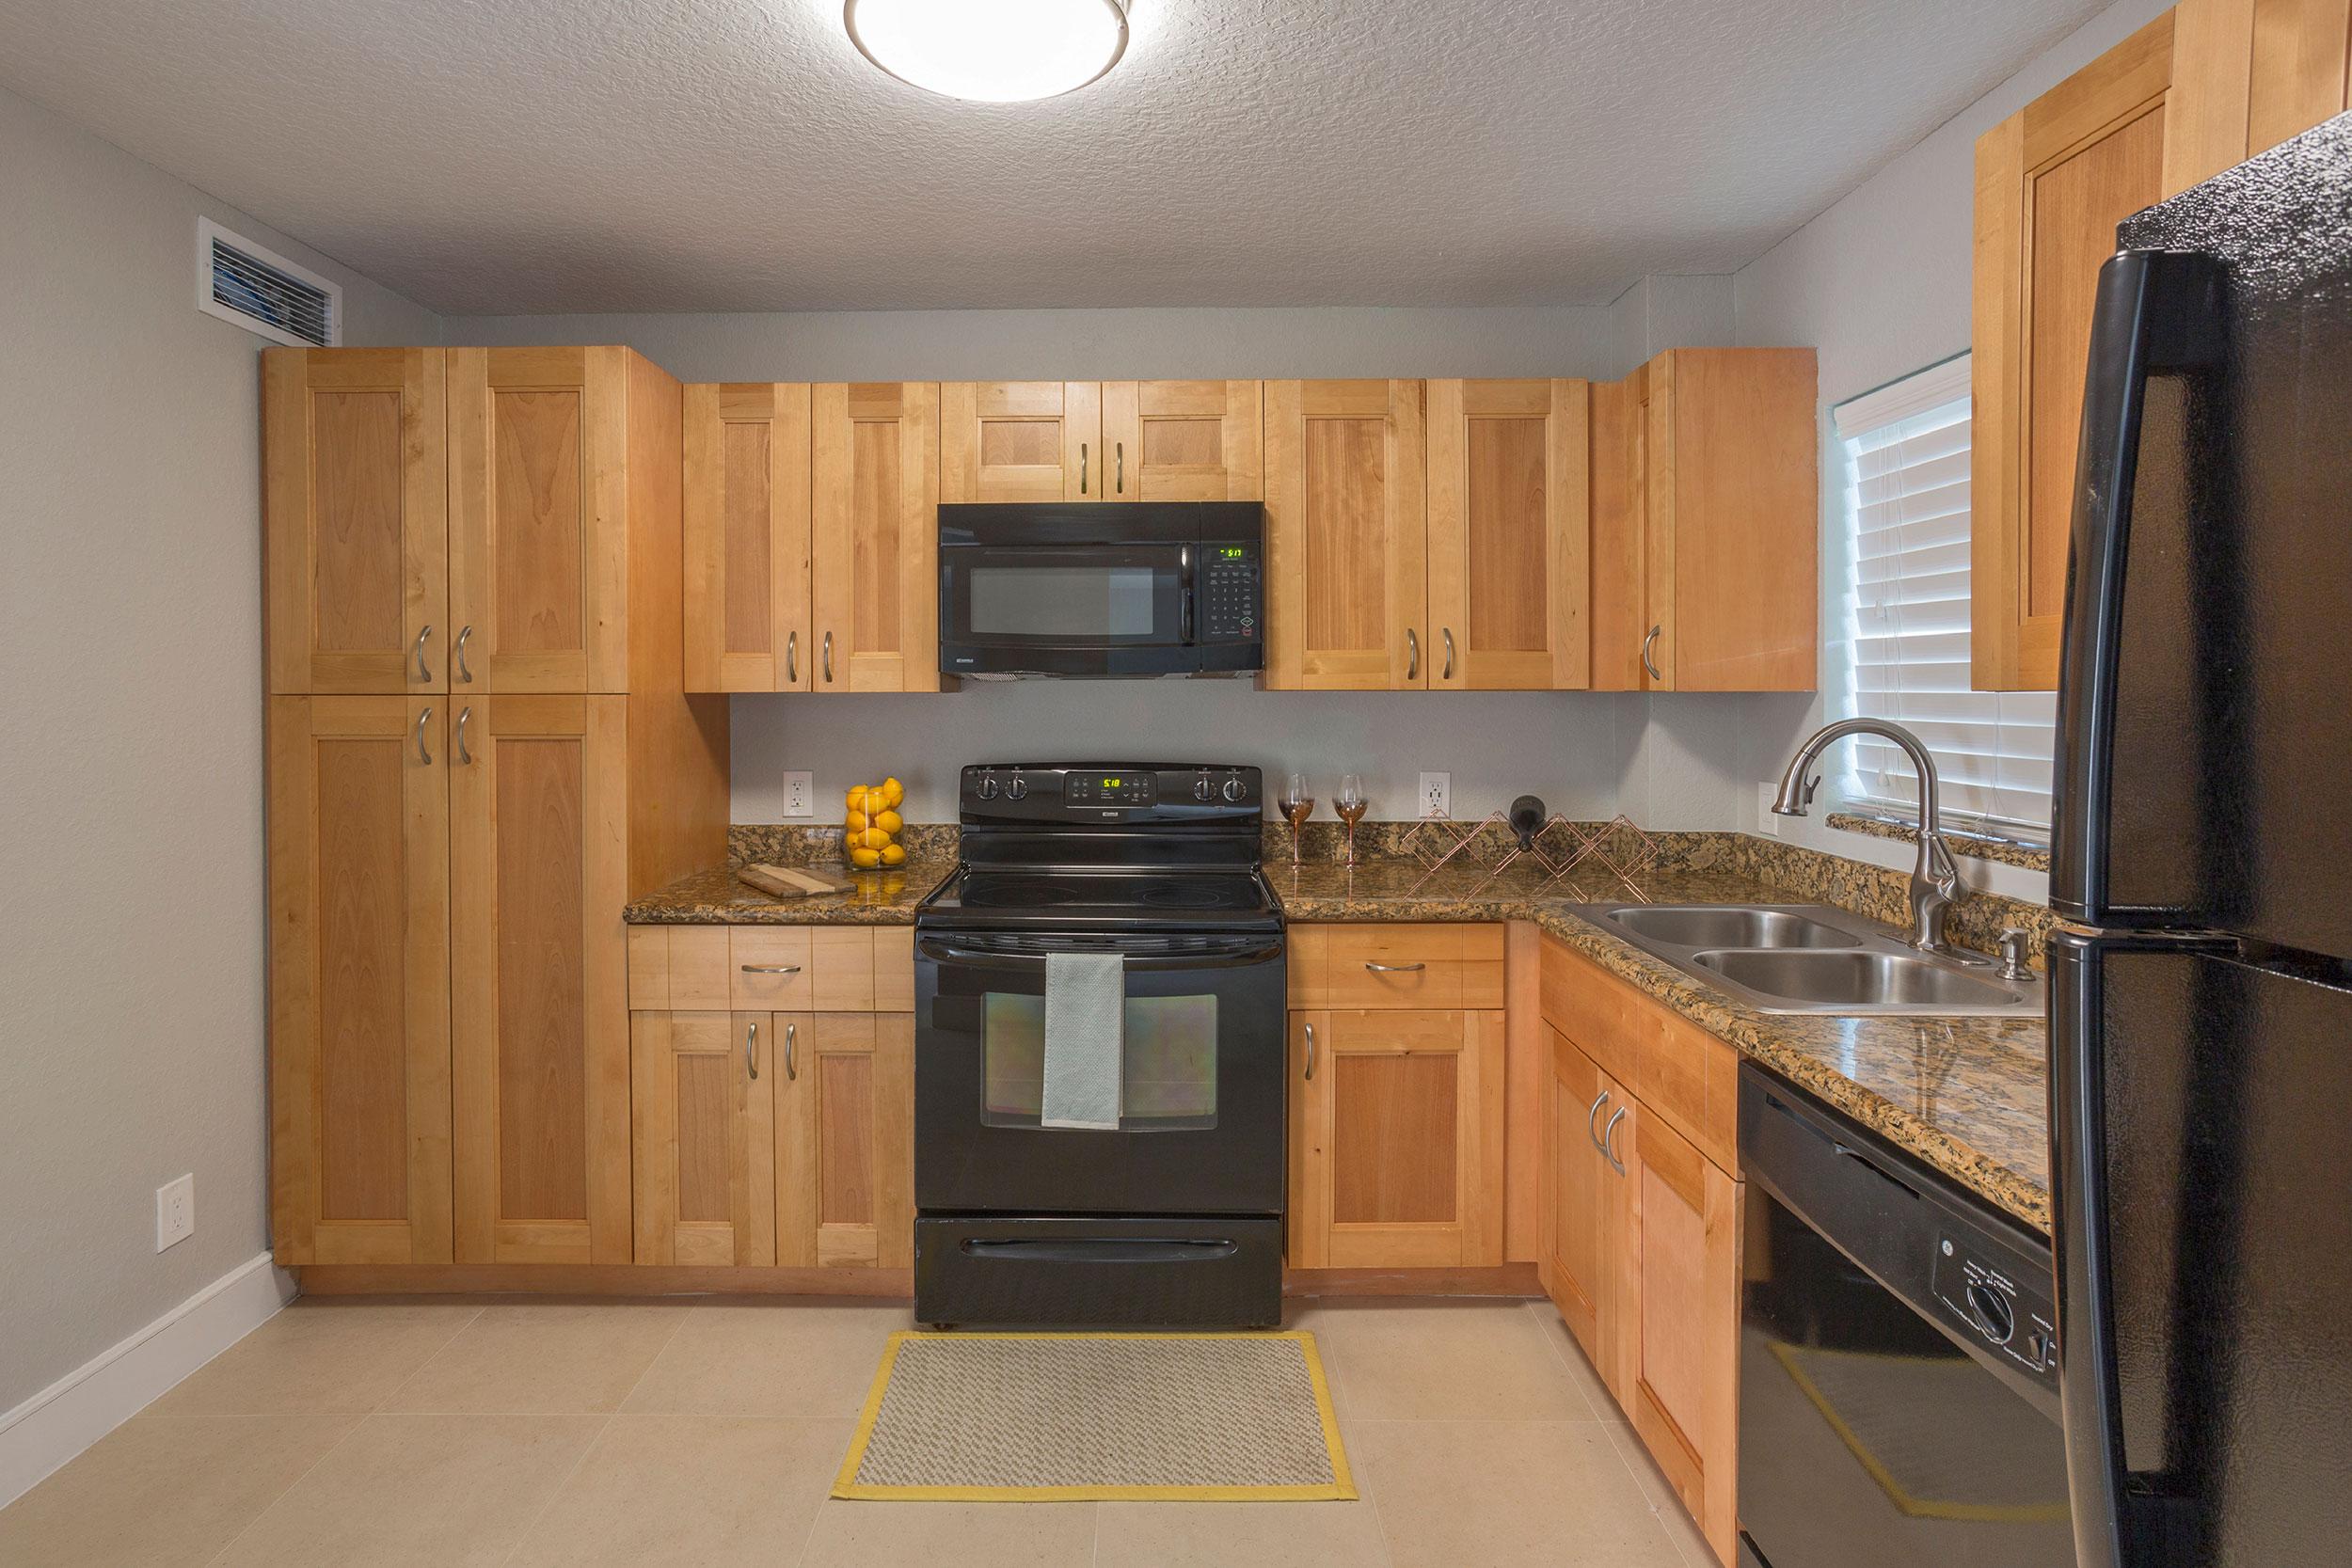 Bsf-kitchen